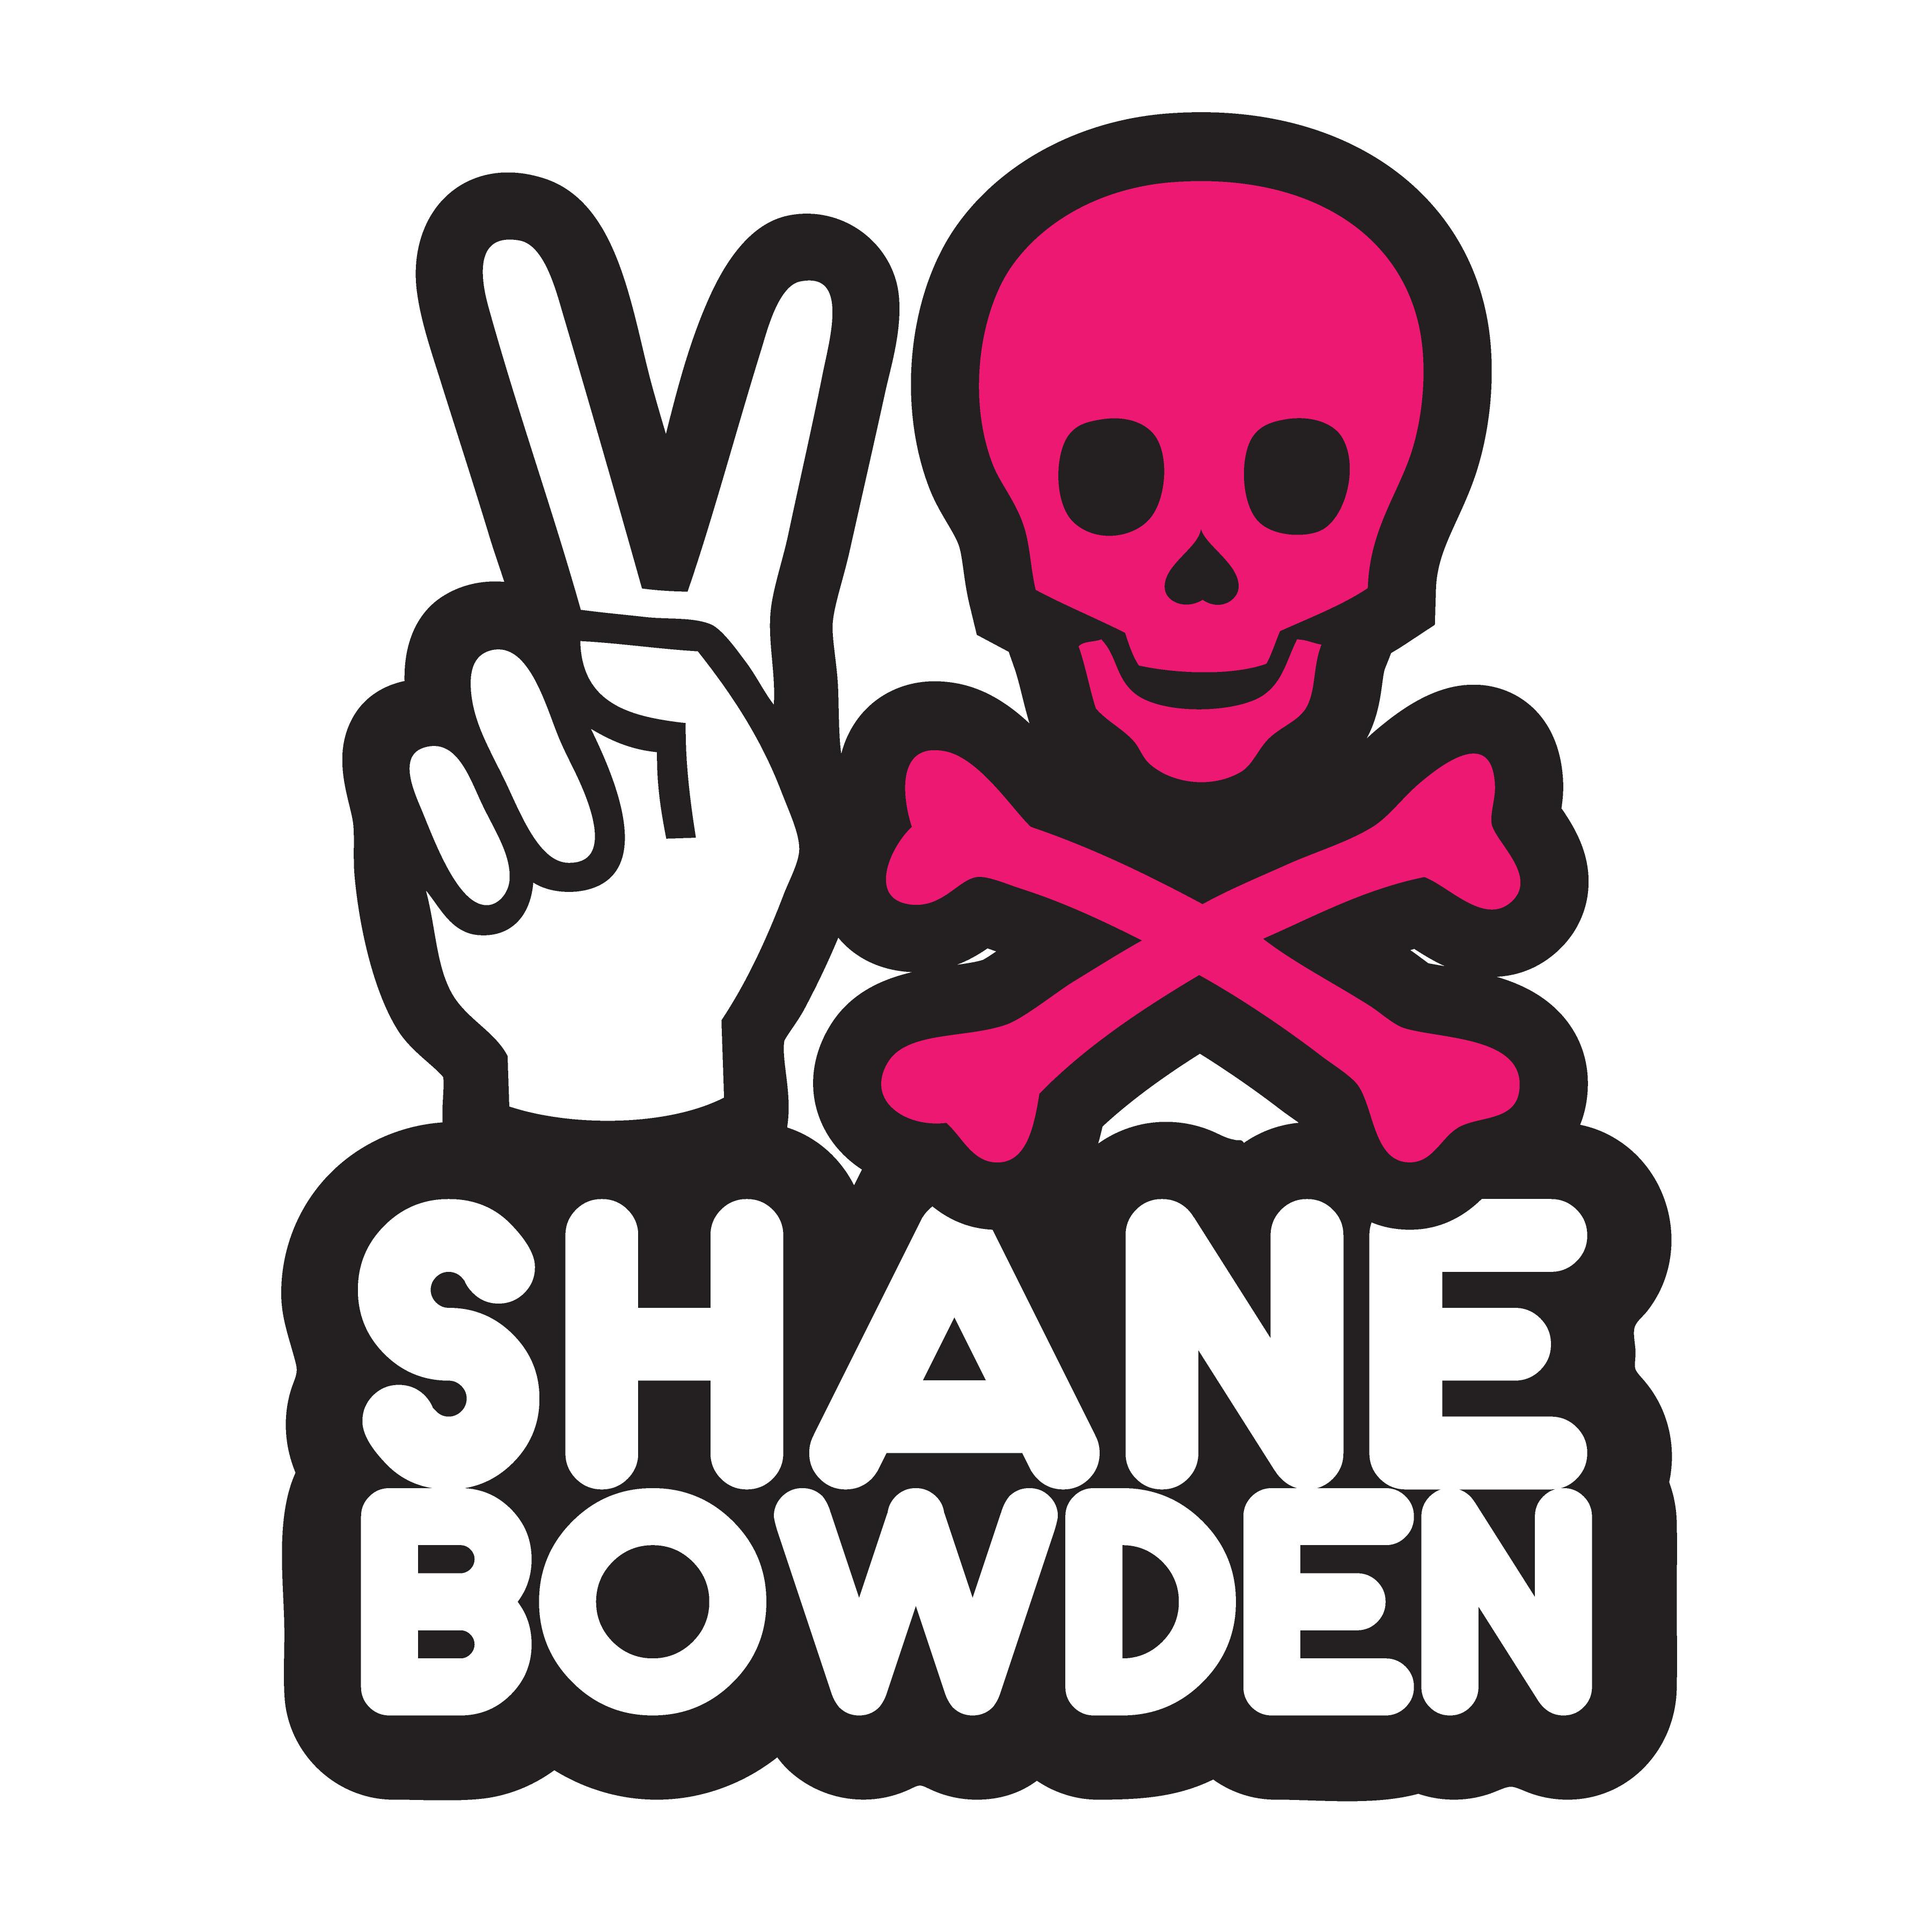 「Shane Bowden」独占販売開始のお知らせ